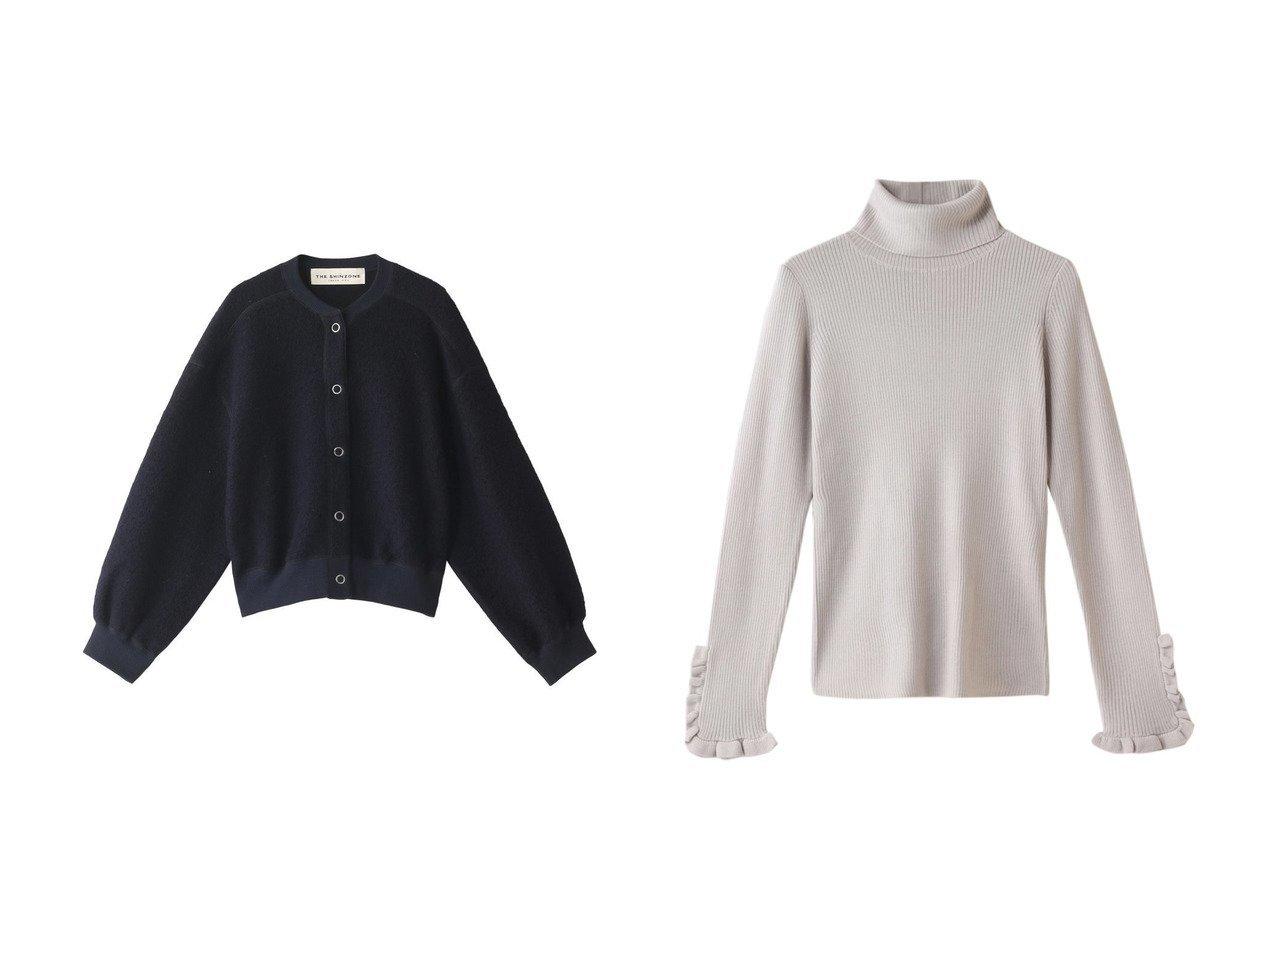 【Shinzone/シンゾーン】のフリースケープリンカーディガン&【LANVIN en Bleu/ランバン オン ブルー】のフリルスリーブタートルニット トップス・カットソーのおすすめ!人気、レディースファッションの通販 おすすめで人気のファッション通販商品 インテリア・家具・キッズファッション・メンズファッション・レディースファッション・服の通販 founy(ファニー) https://founy.com/ ファッション Fashion レディース WOMEN トップス Tops Tshirt ニット Knit Tops カーディガン Cardigans プルオーバー Pullover カーディガン スリーブ バランス 冬 Winter 羽織 防寒 シンプル フリル リボン |ID:crp329100000000772